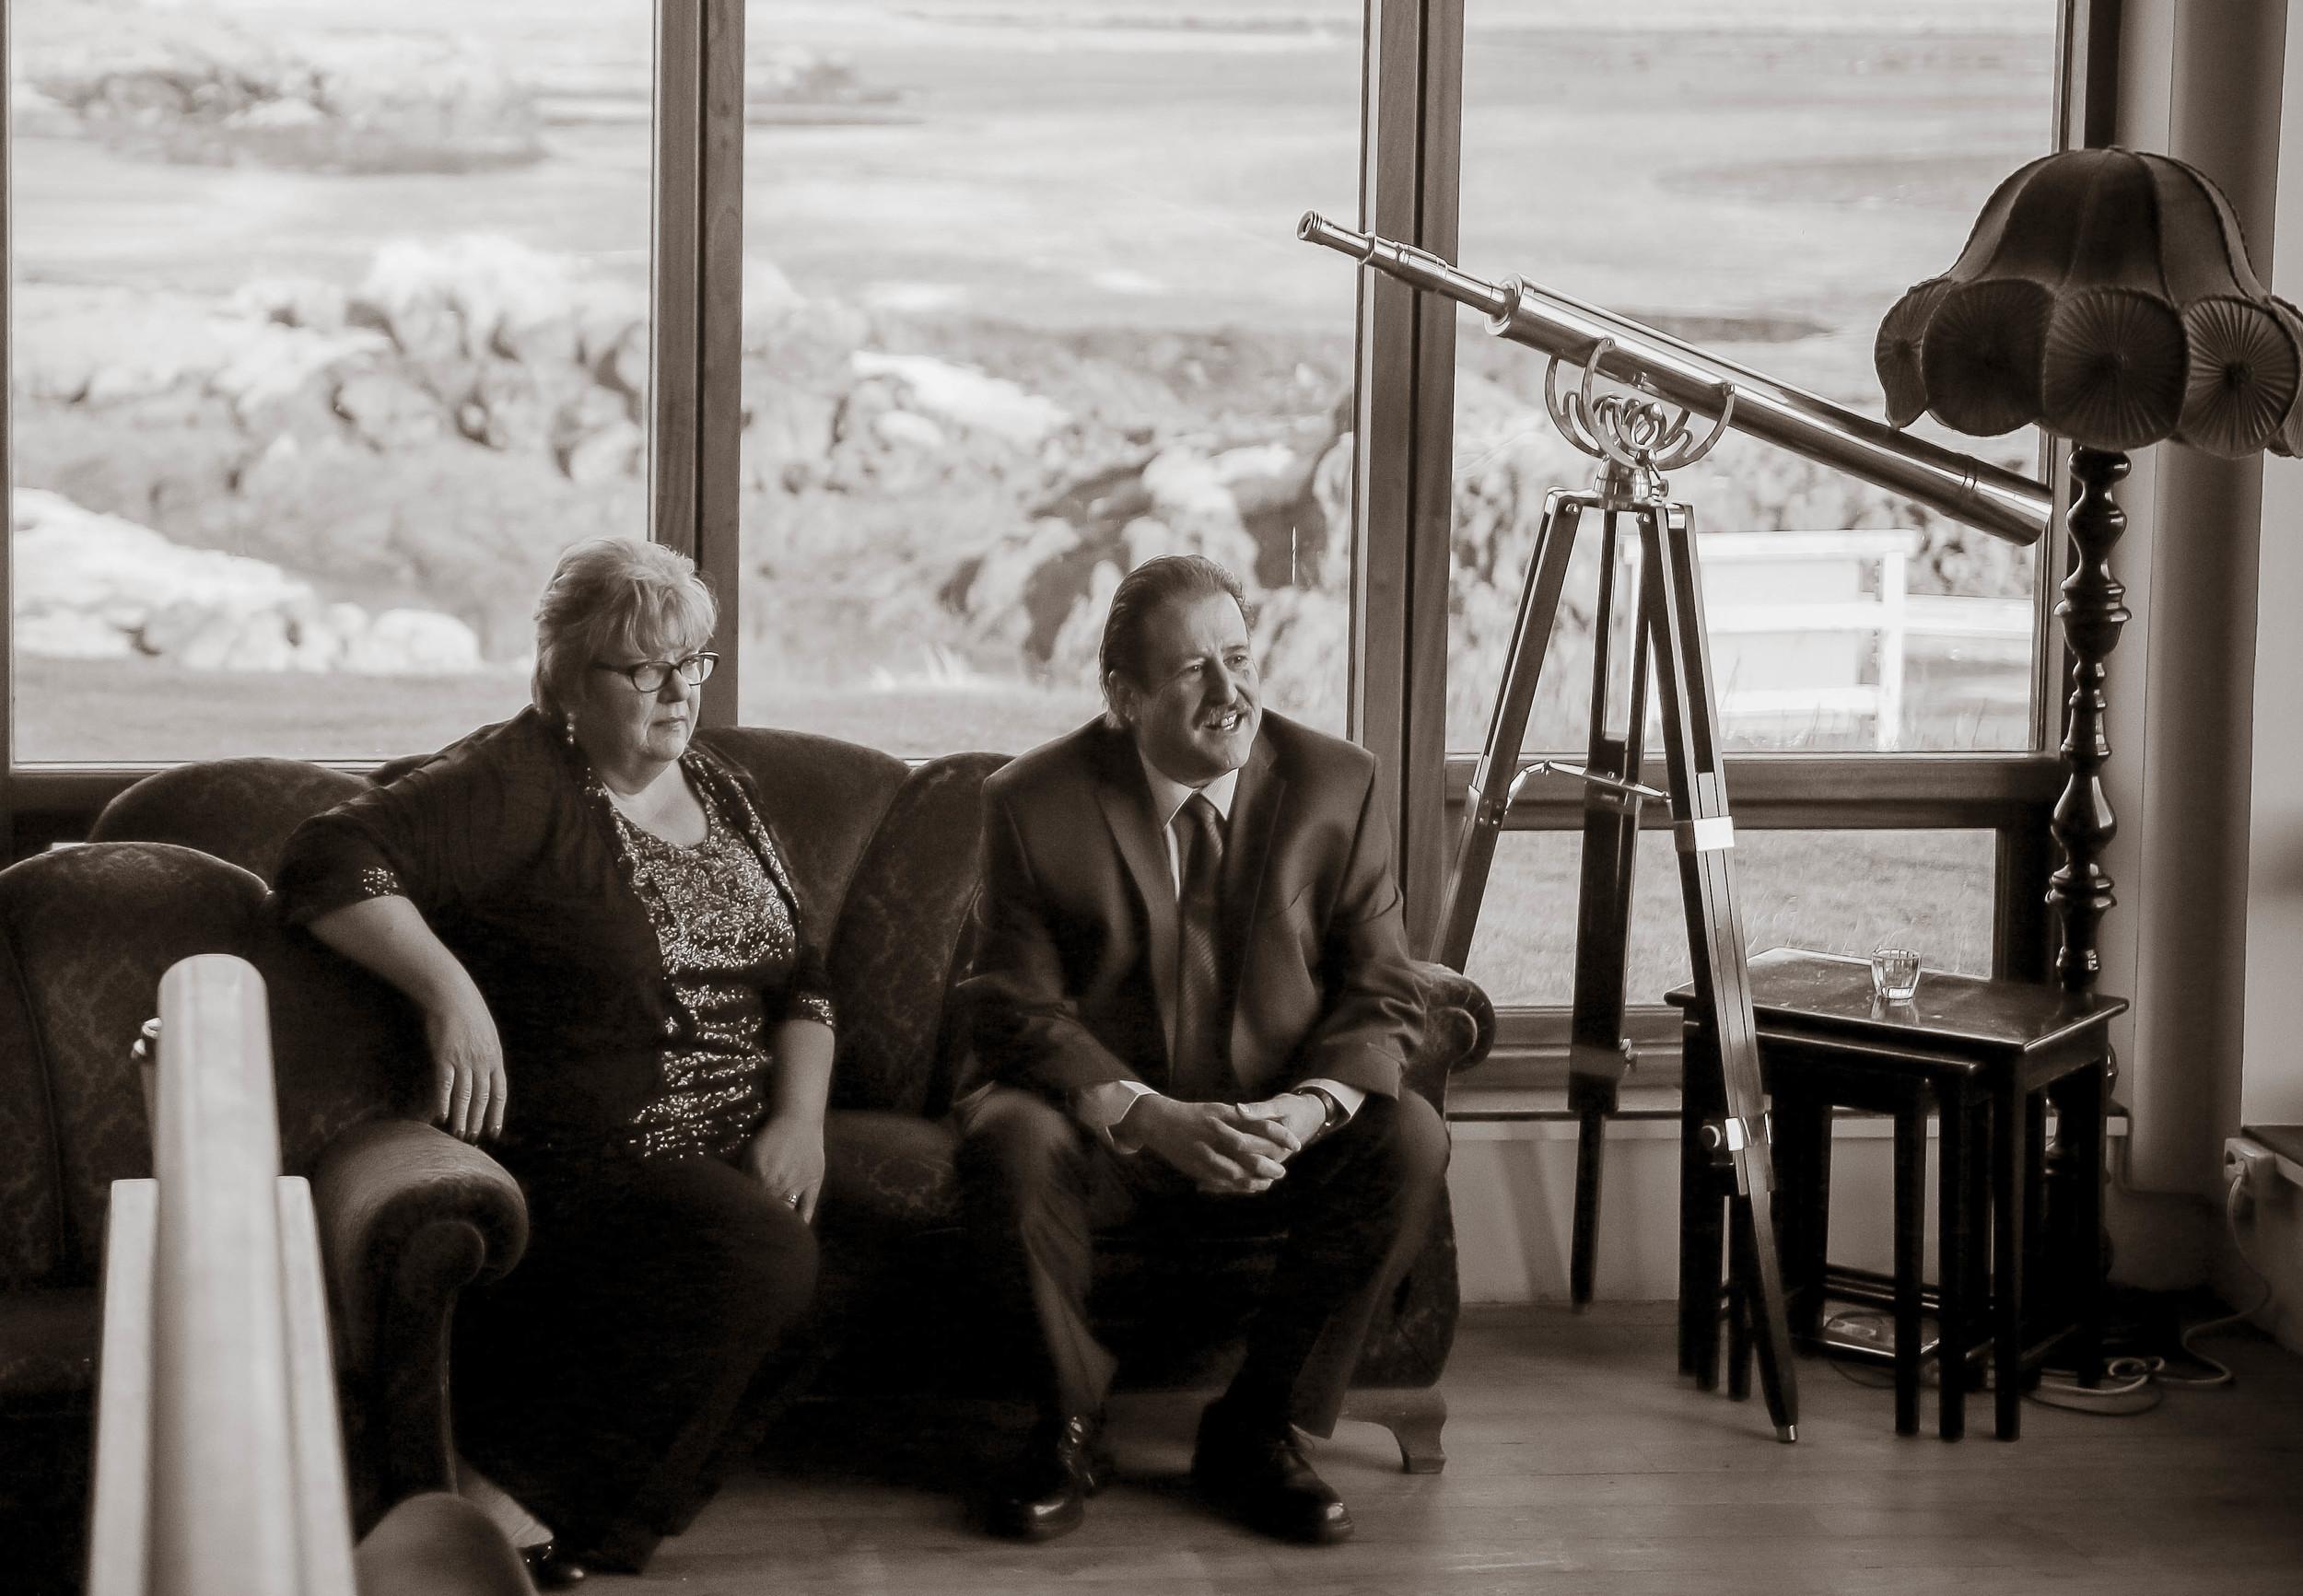 Iceland-Wedding-Photographer-Photos-by-Miss-Ann-10.jpg